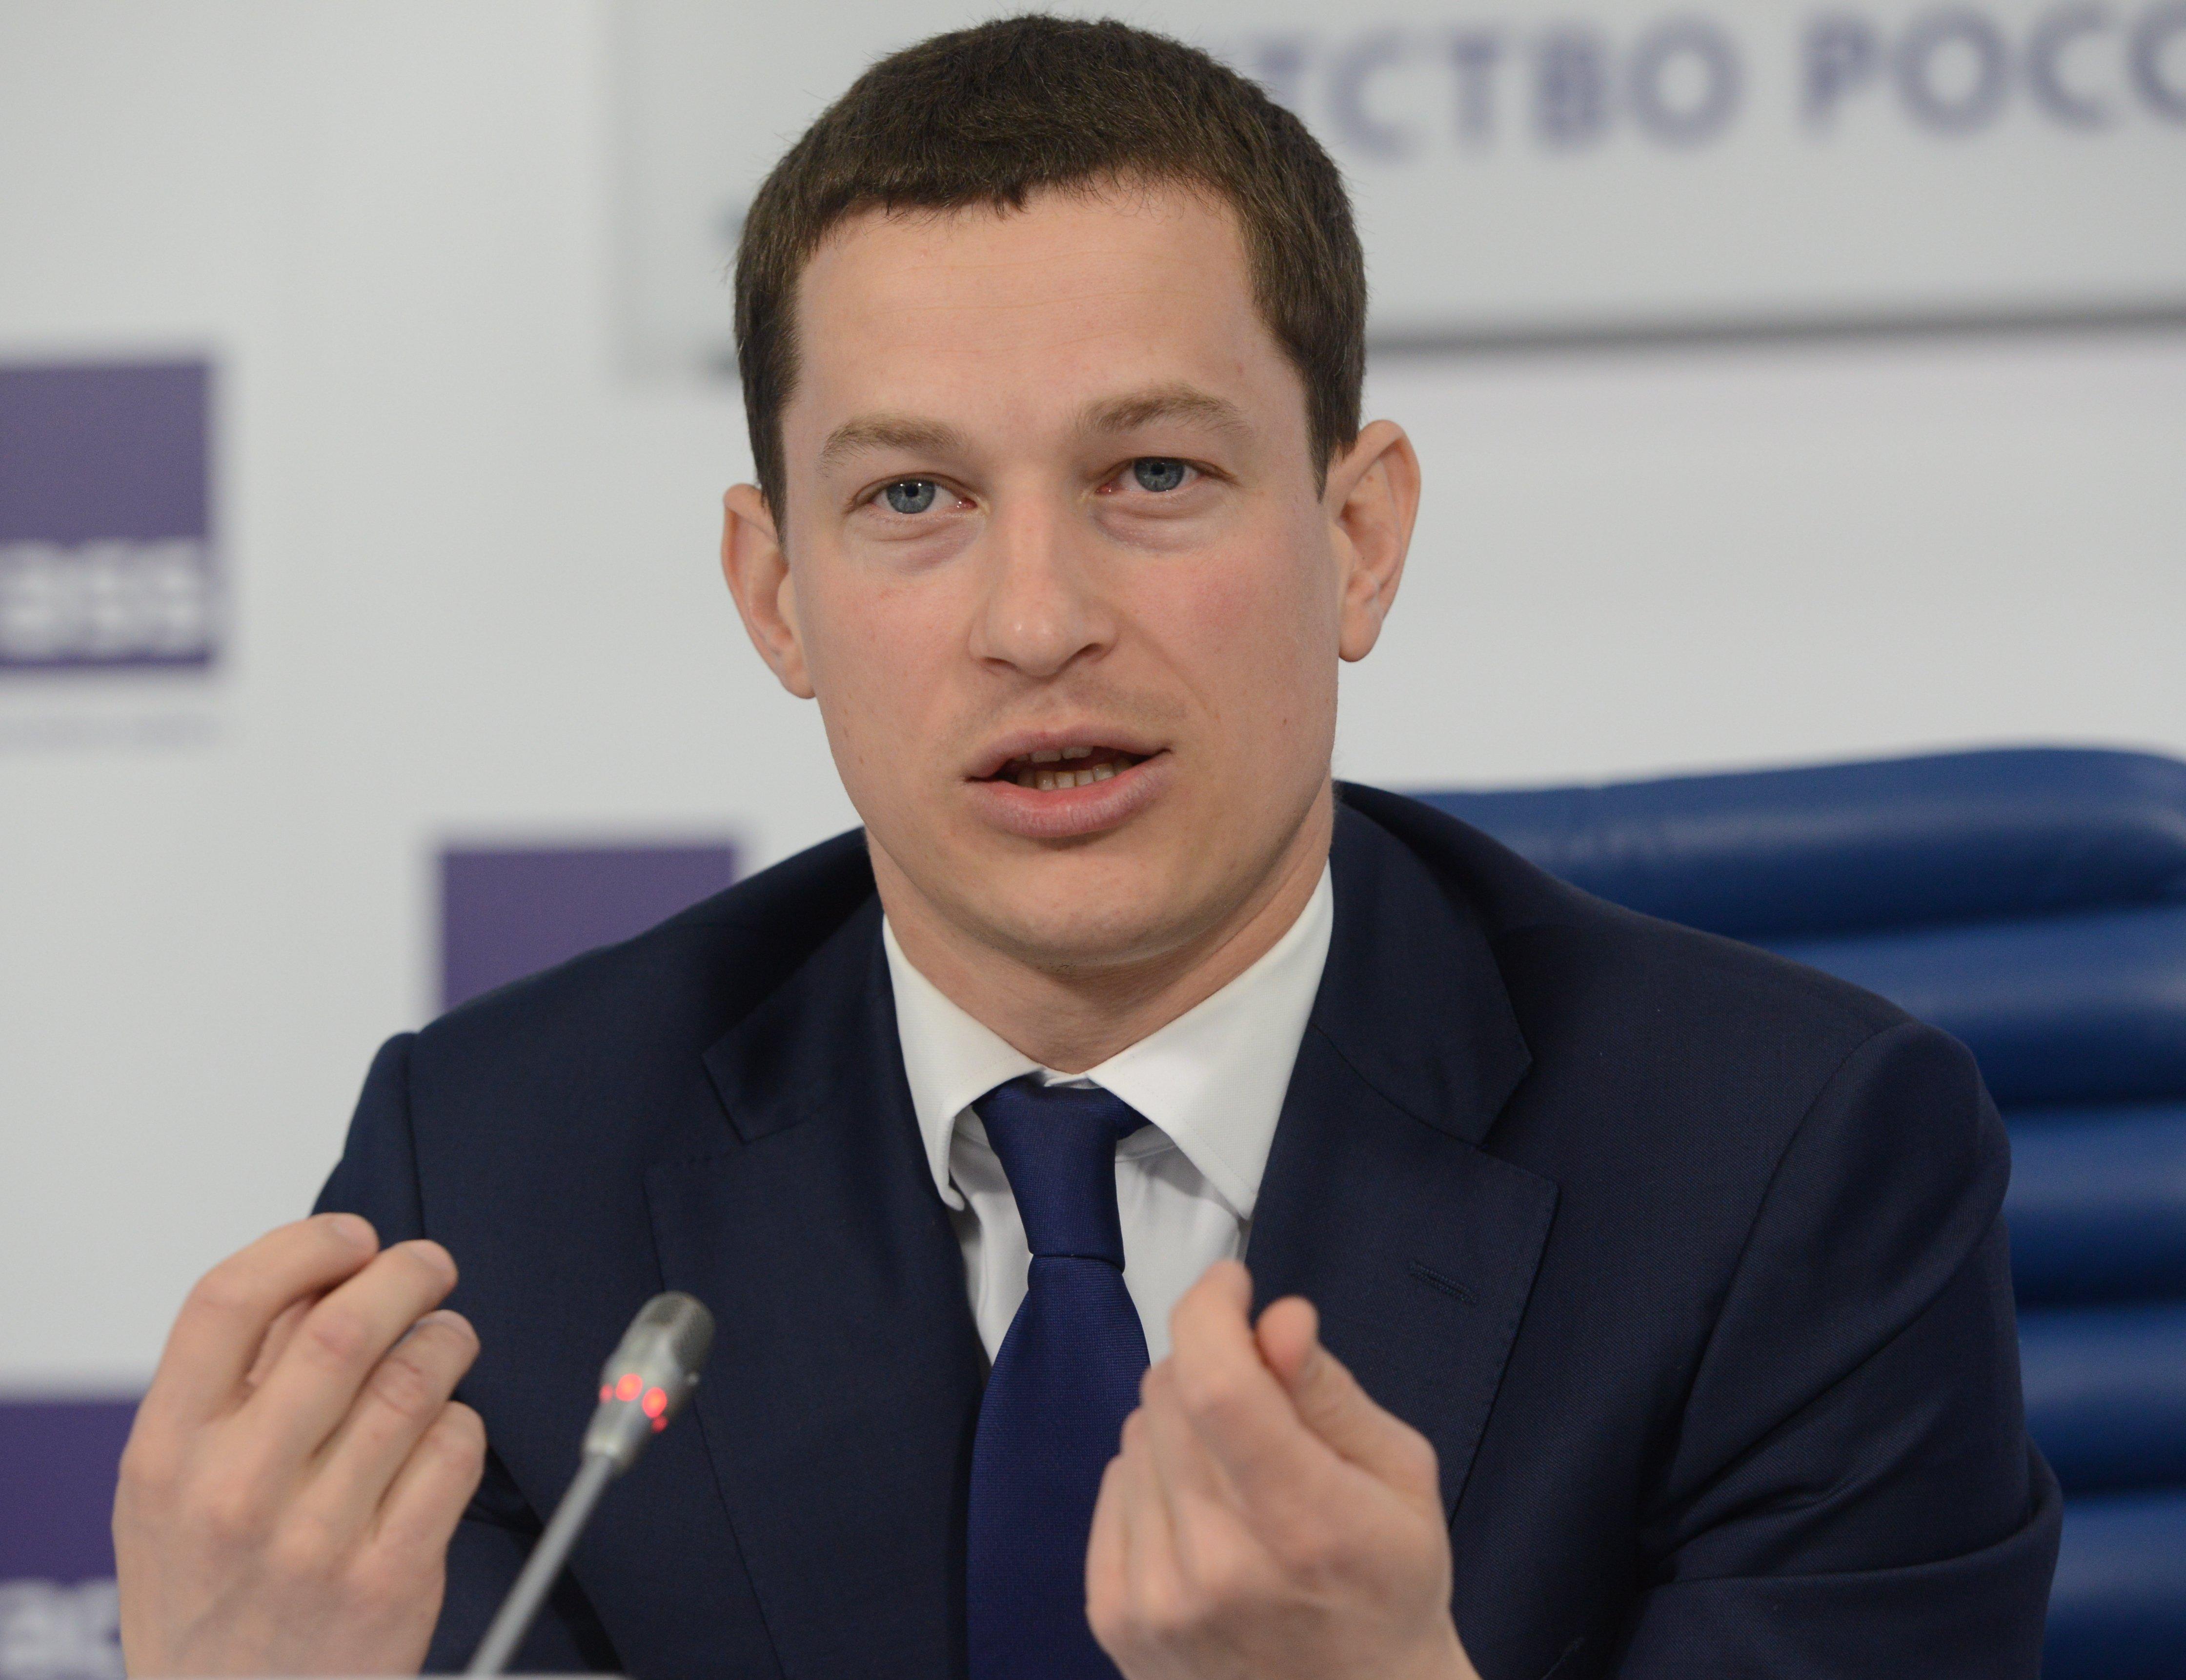 Дмитрий Медведев освободил от должности главу Росмолодежи